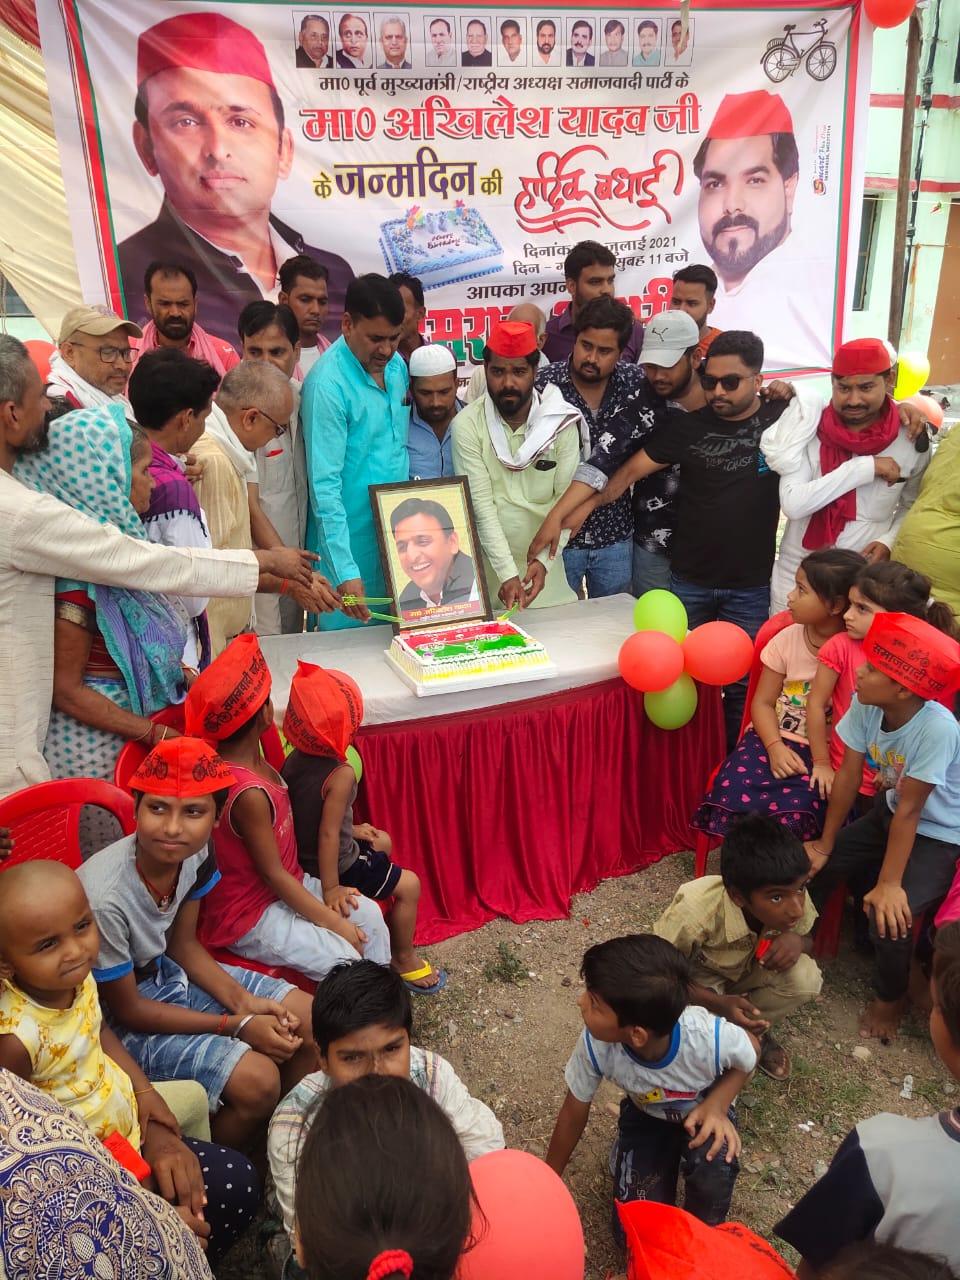 जालौन-इमरान अंसारी के नेतृत्व में आसरा कालौनी में मनाया गया पूर्व मुख्यमंत्री अखिलेश यादव का 48वां जन्मदिन।